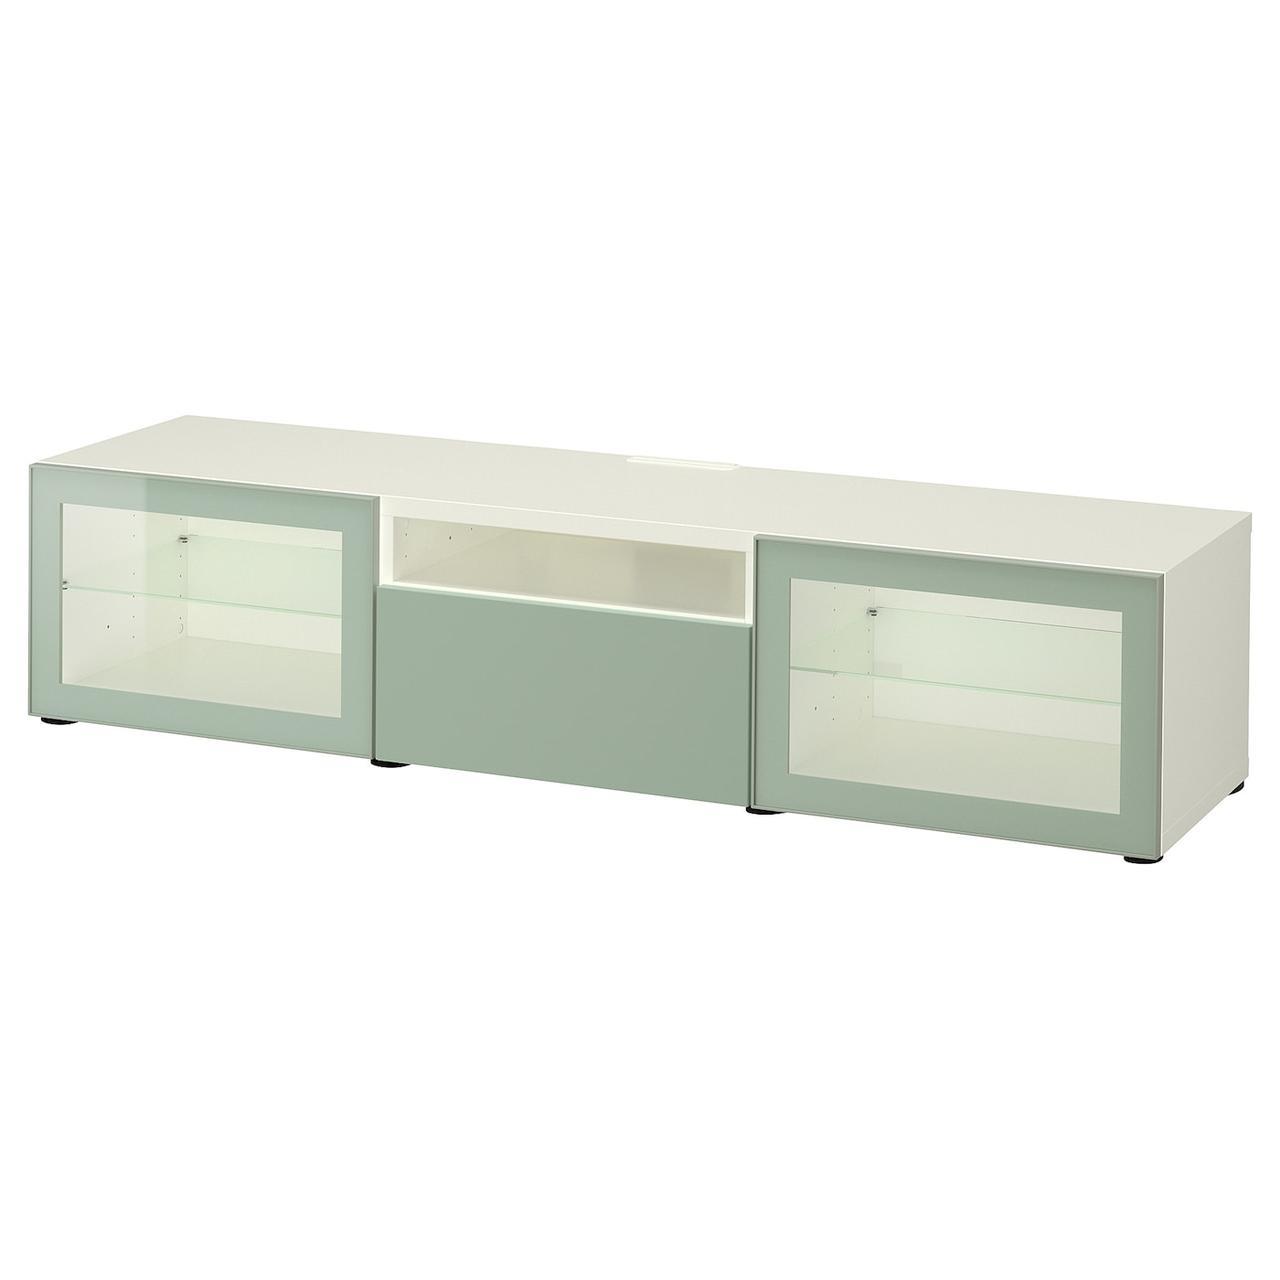 IKEA BESTA Тумба под телевизор 180x42x39 см (093.244.77), фото 1